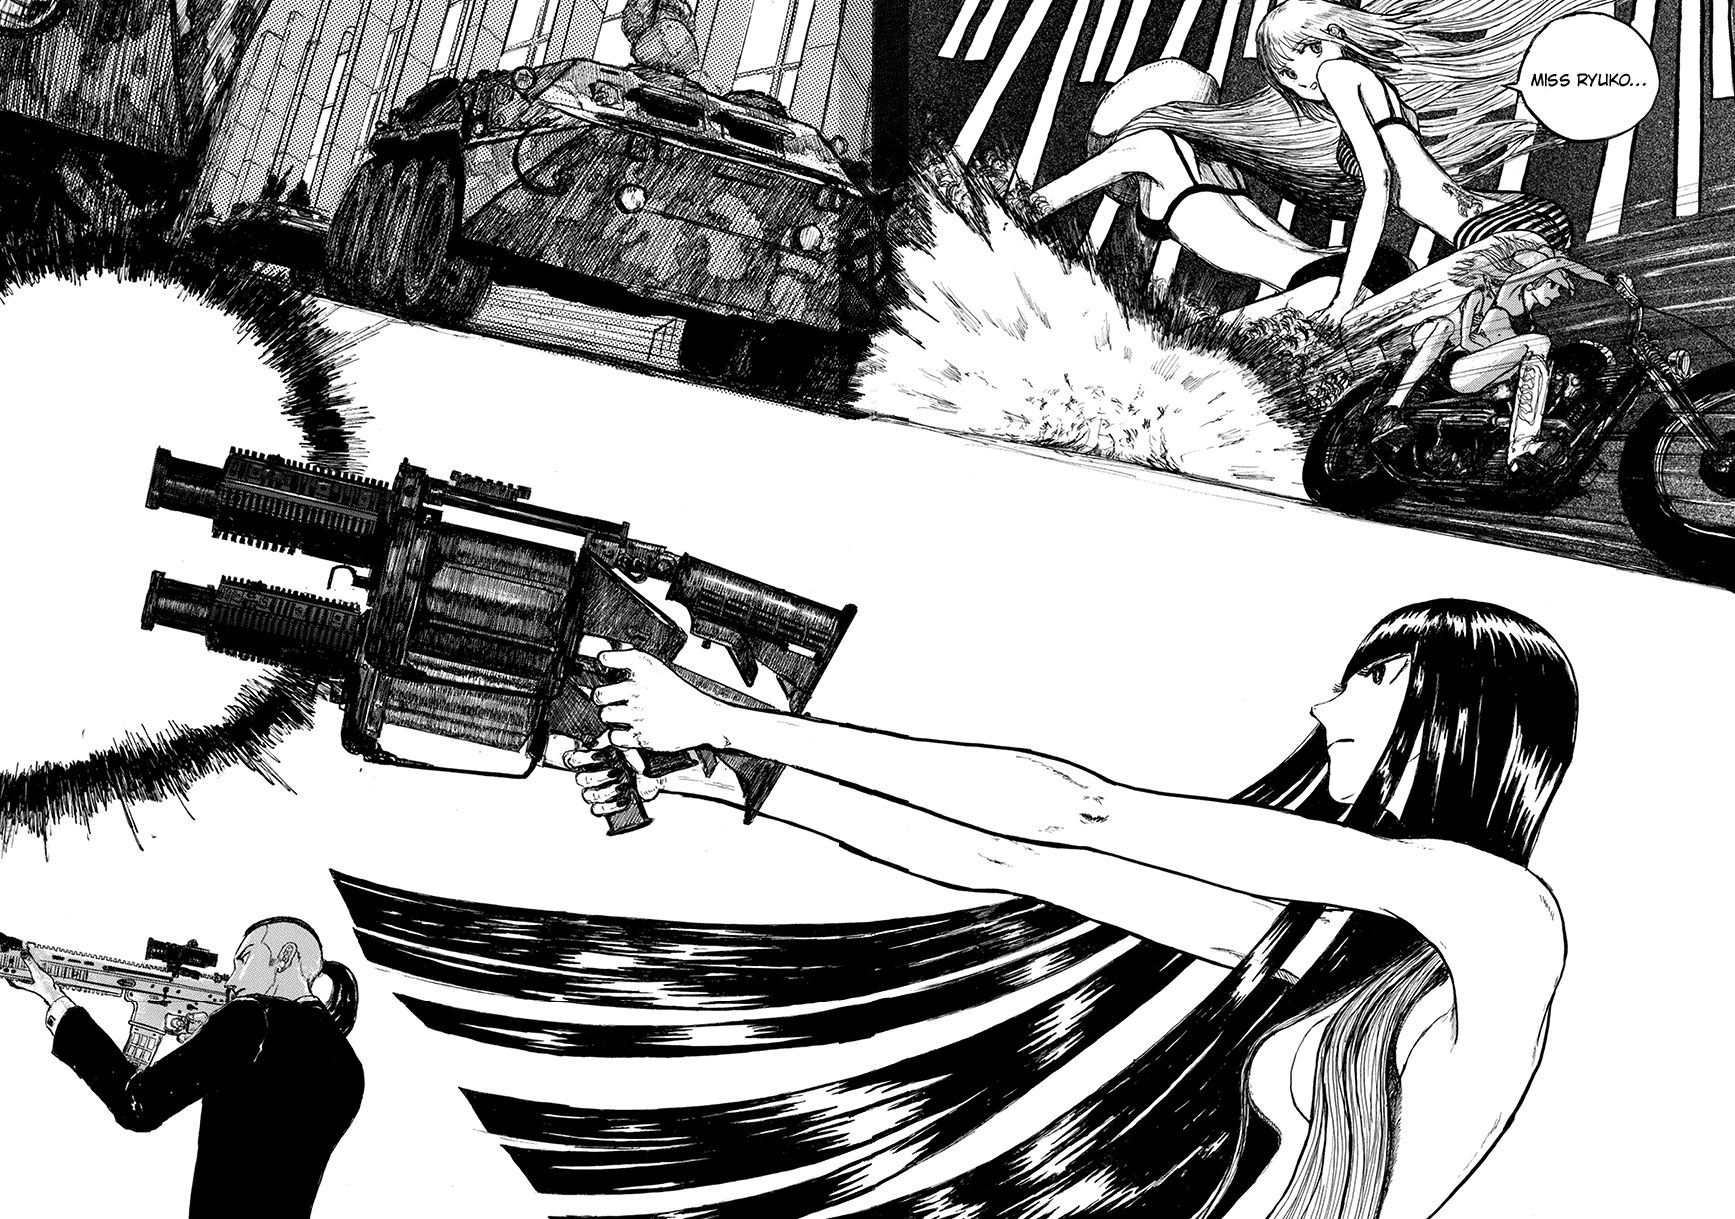 Ryuko, vol 1